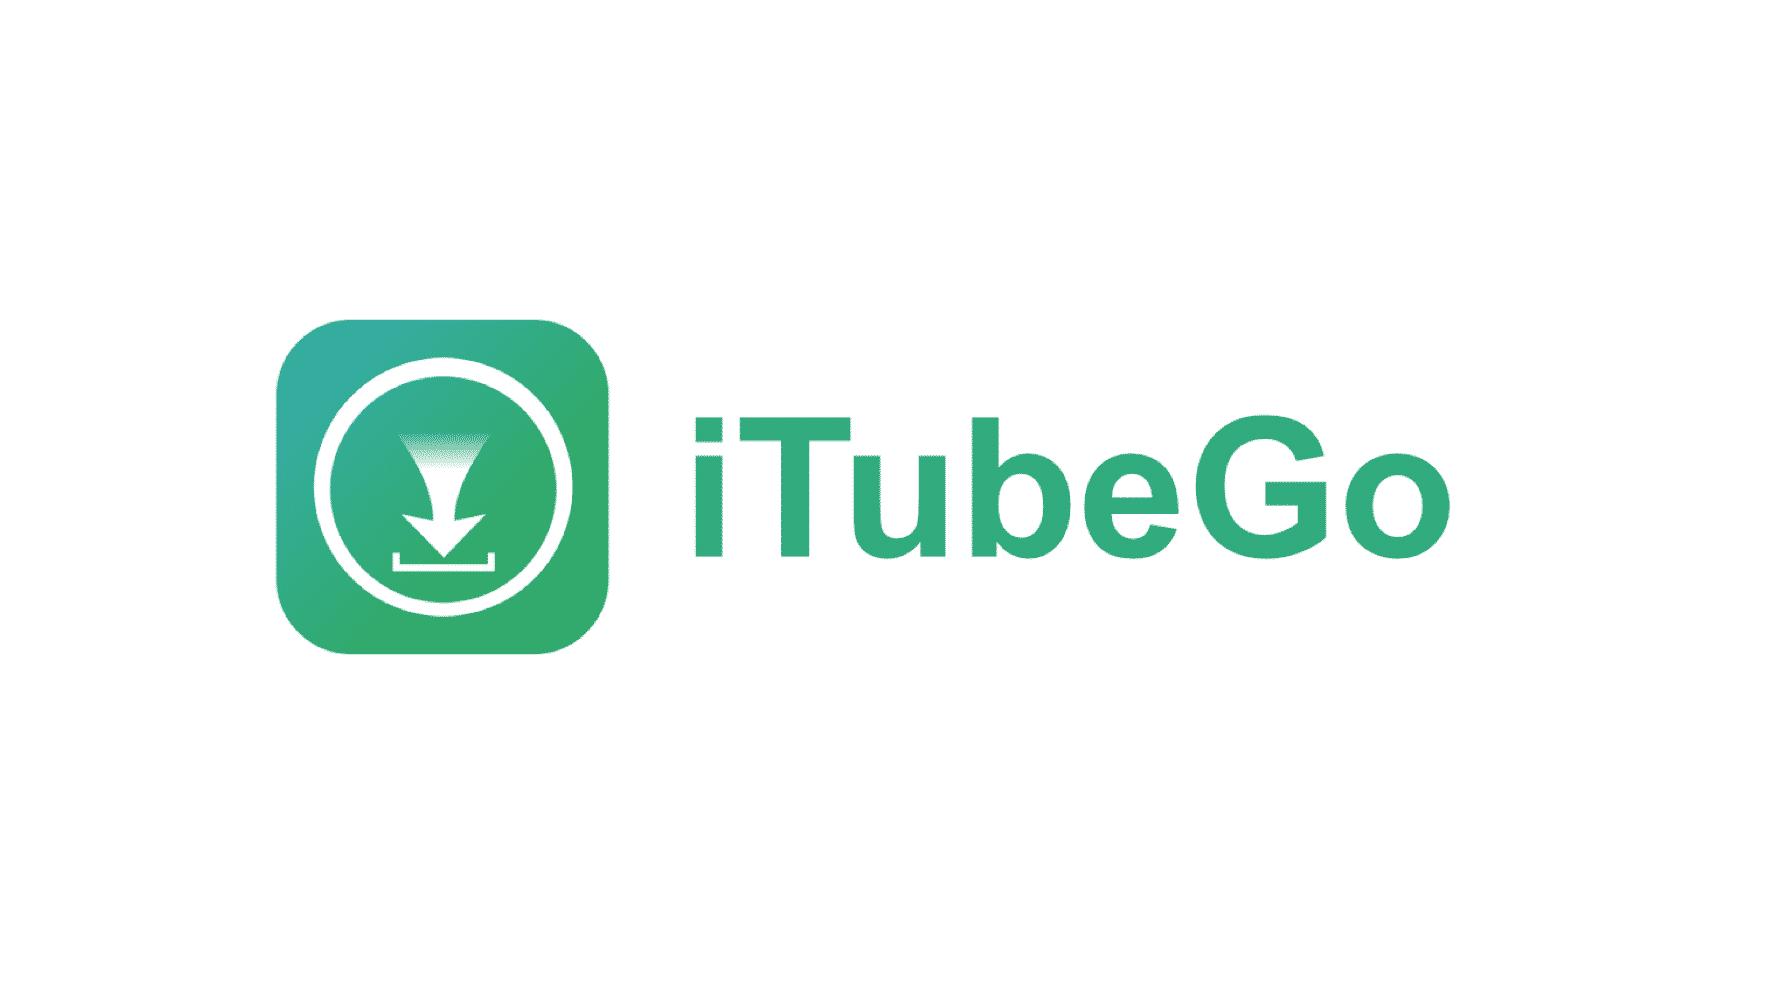 iTubeGo YouTube Downloader 4.3.5 Crack + Serial Key [2021]